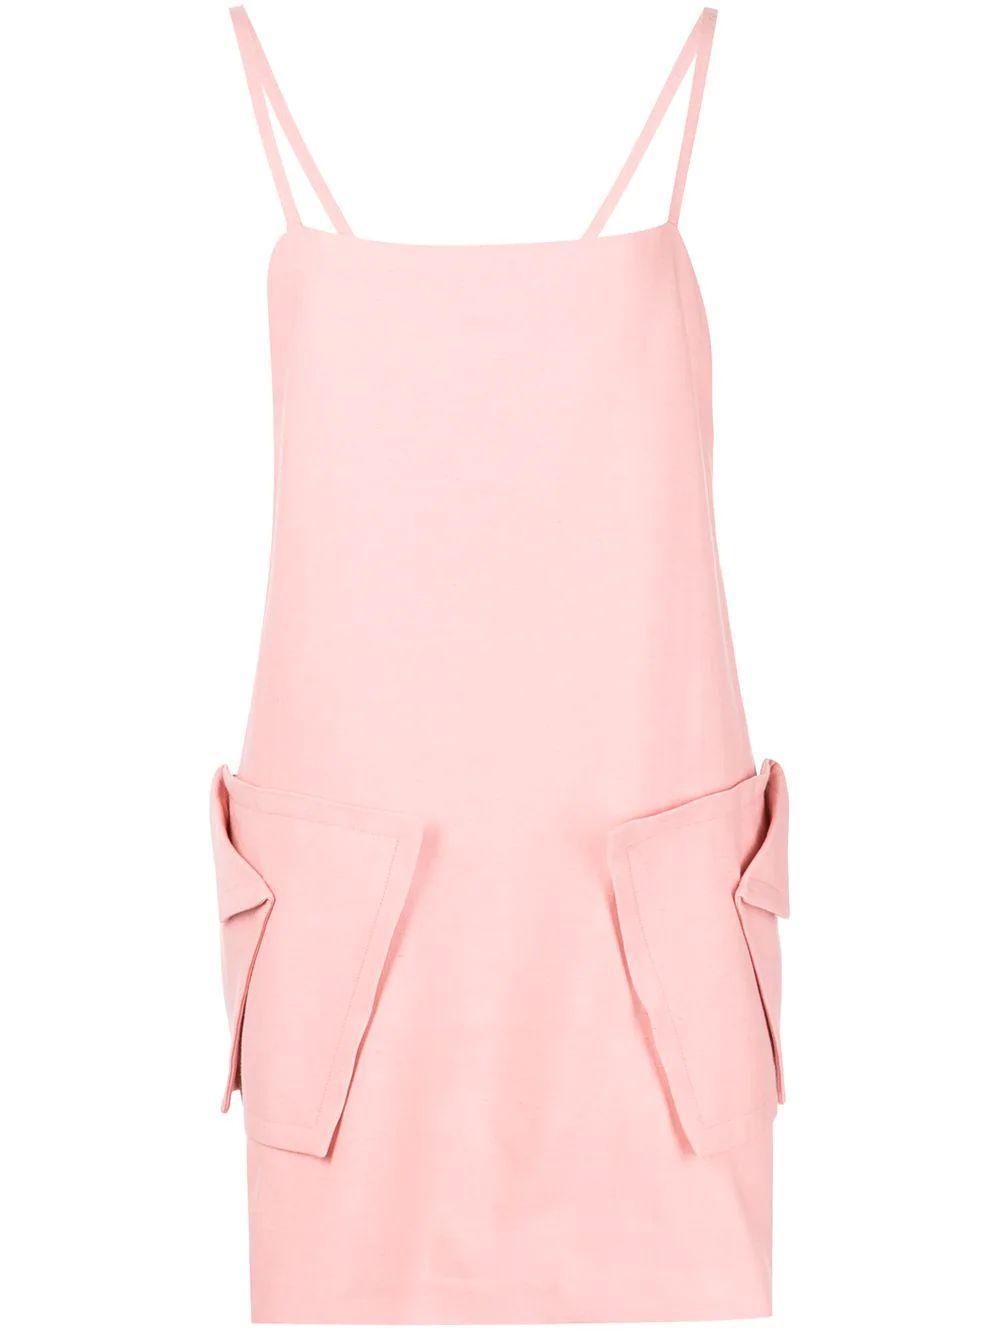 Stephana Mini Dress Item # A1210322-7067